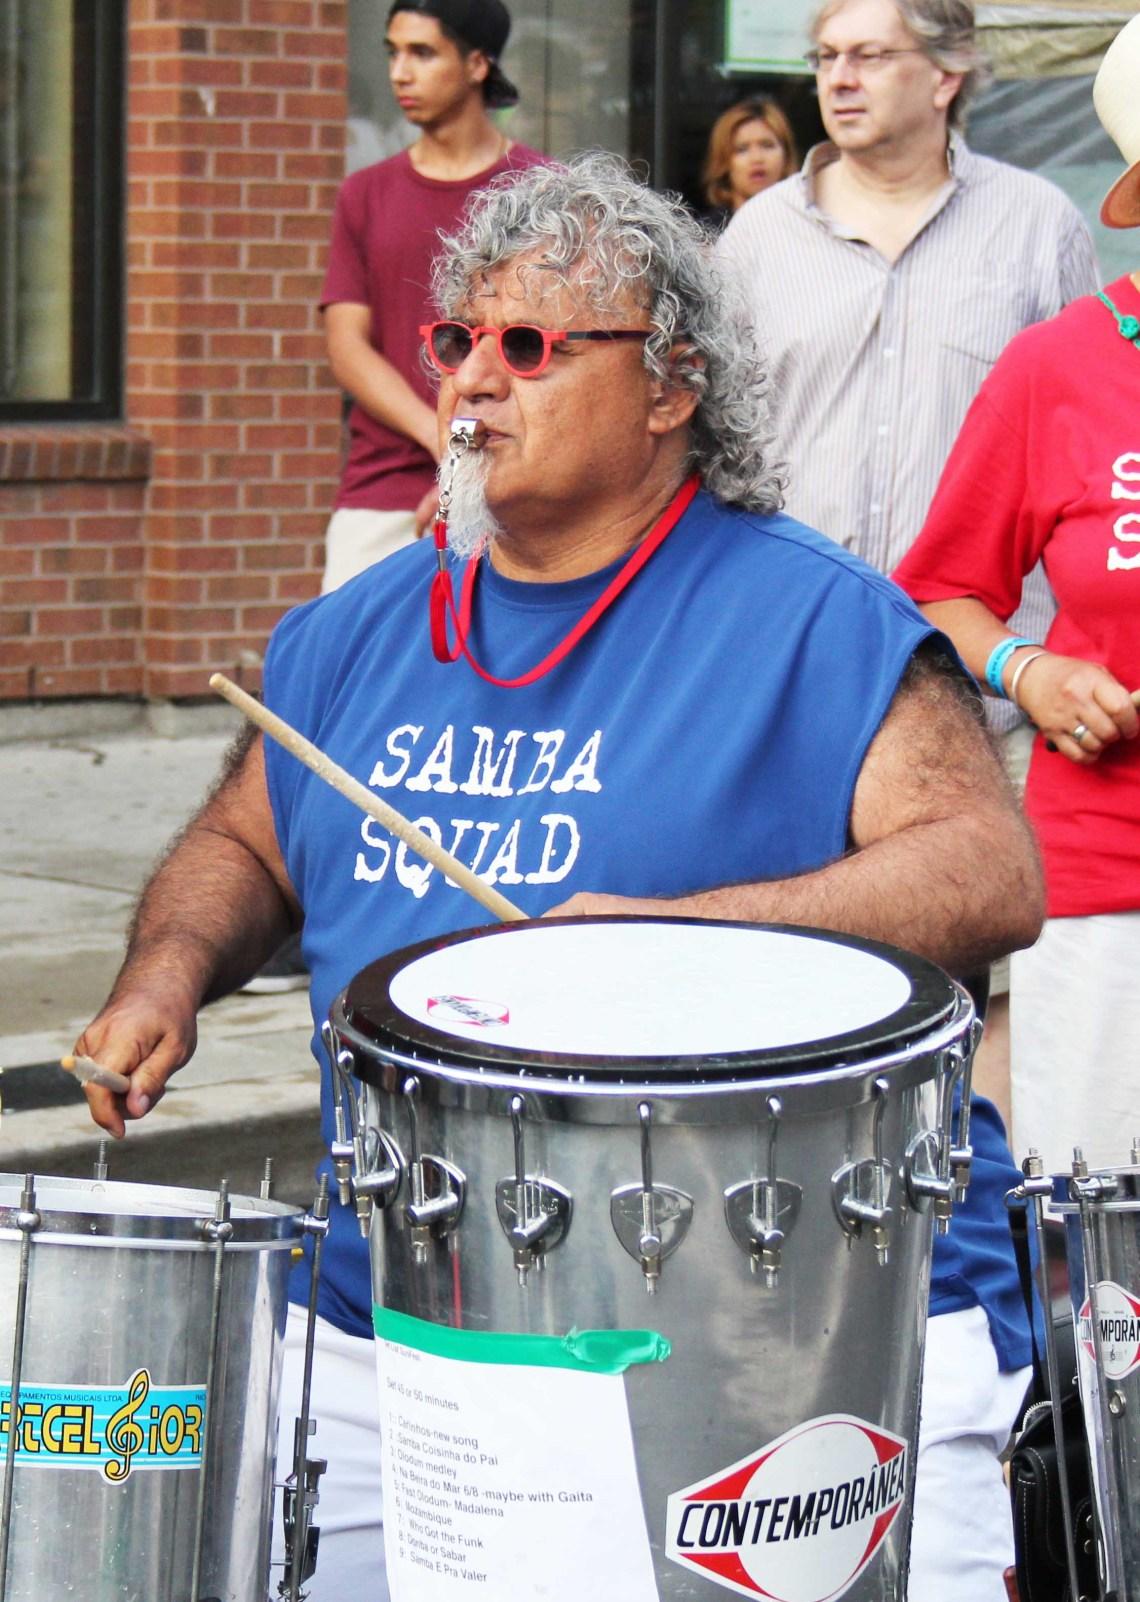 Samba Squad, Salsa, Street Festival